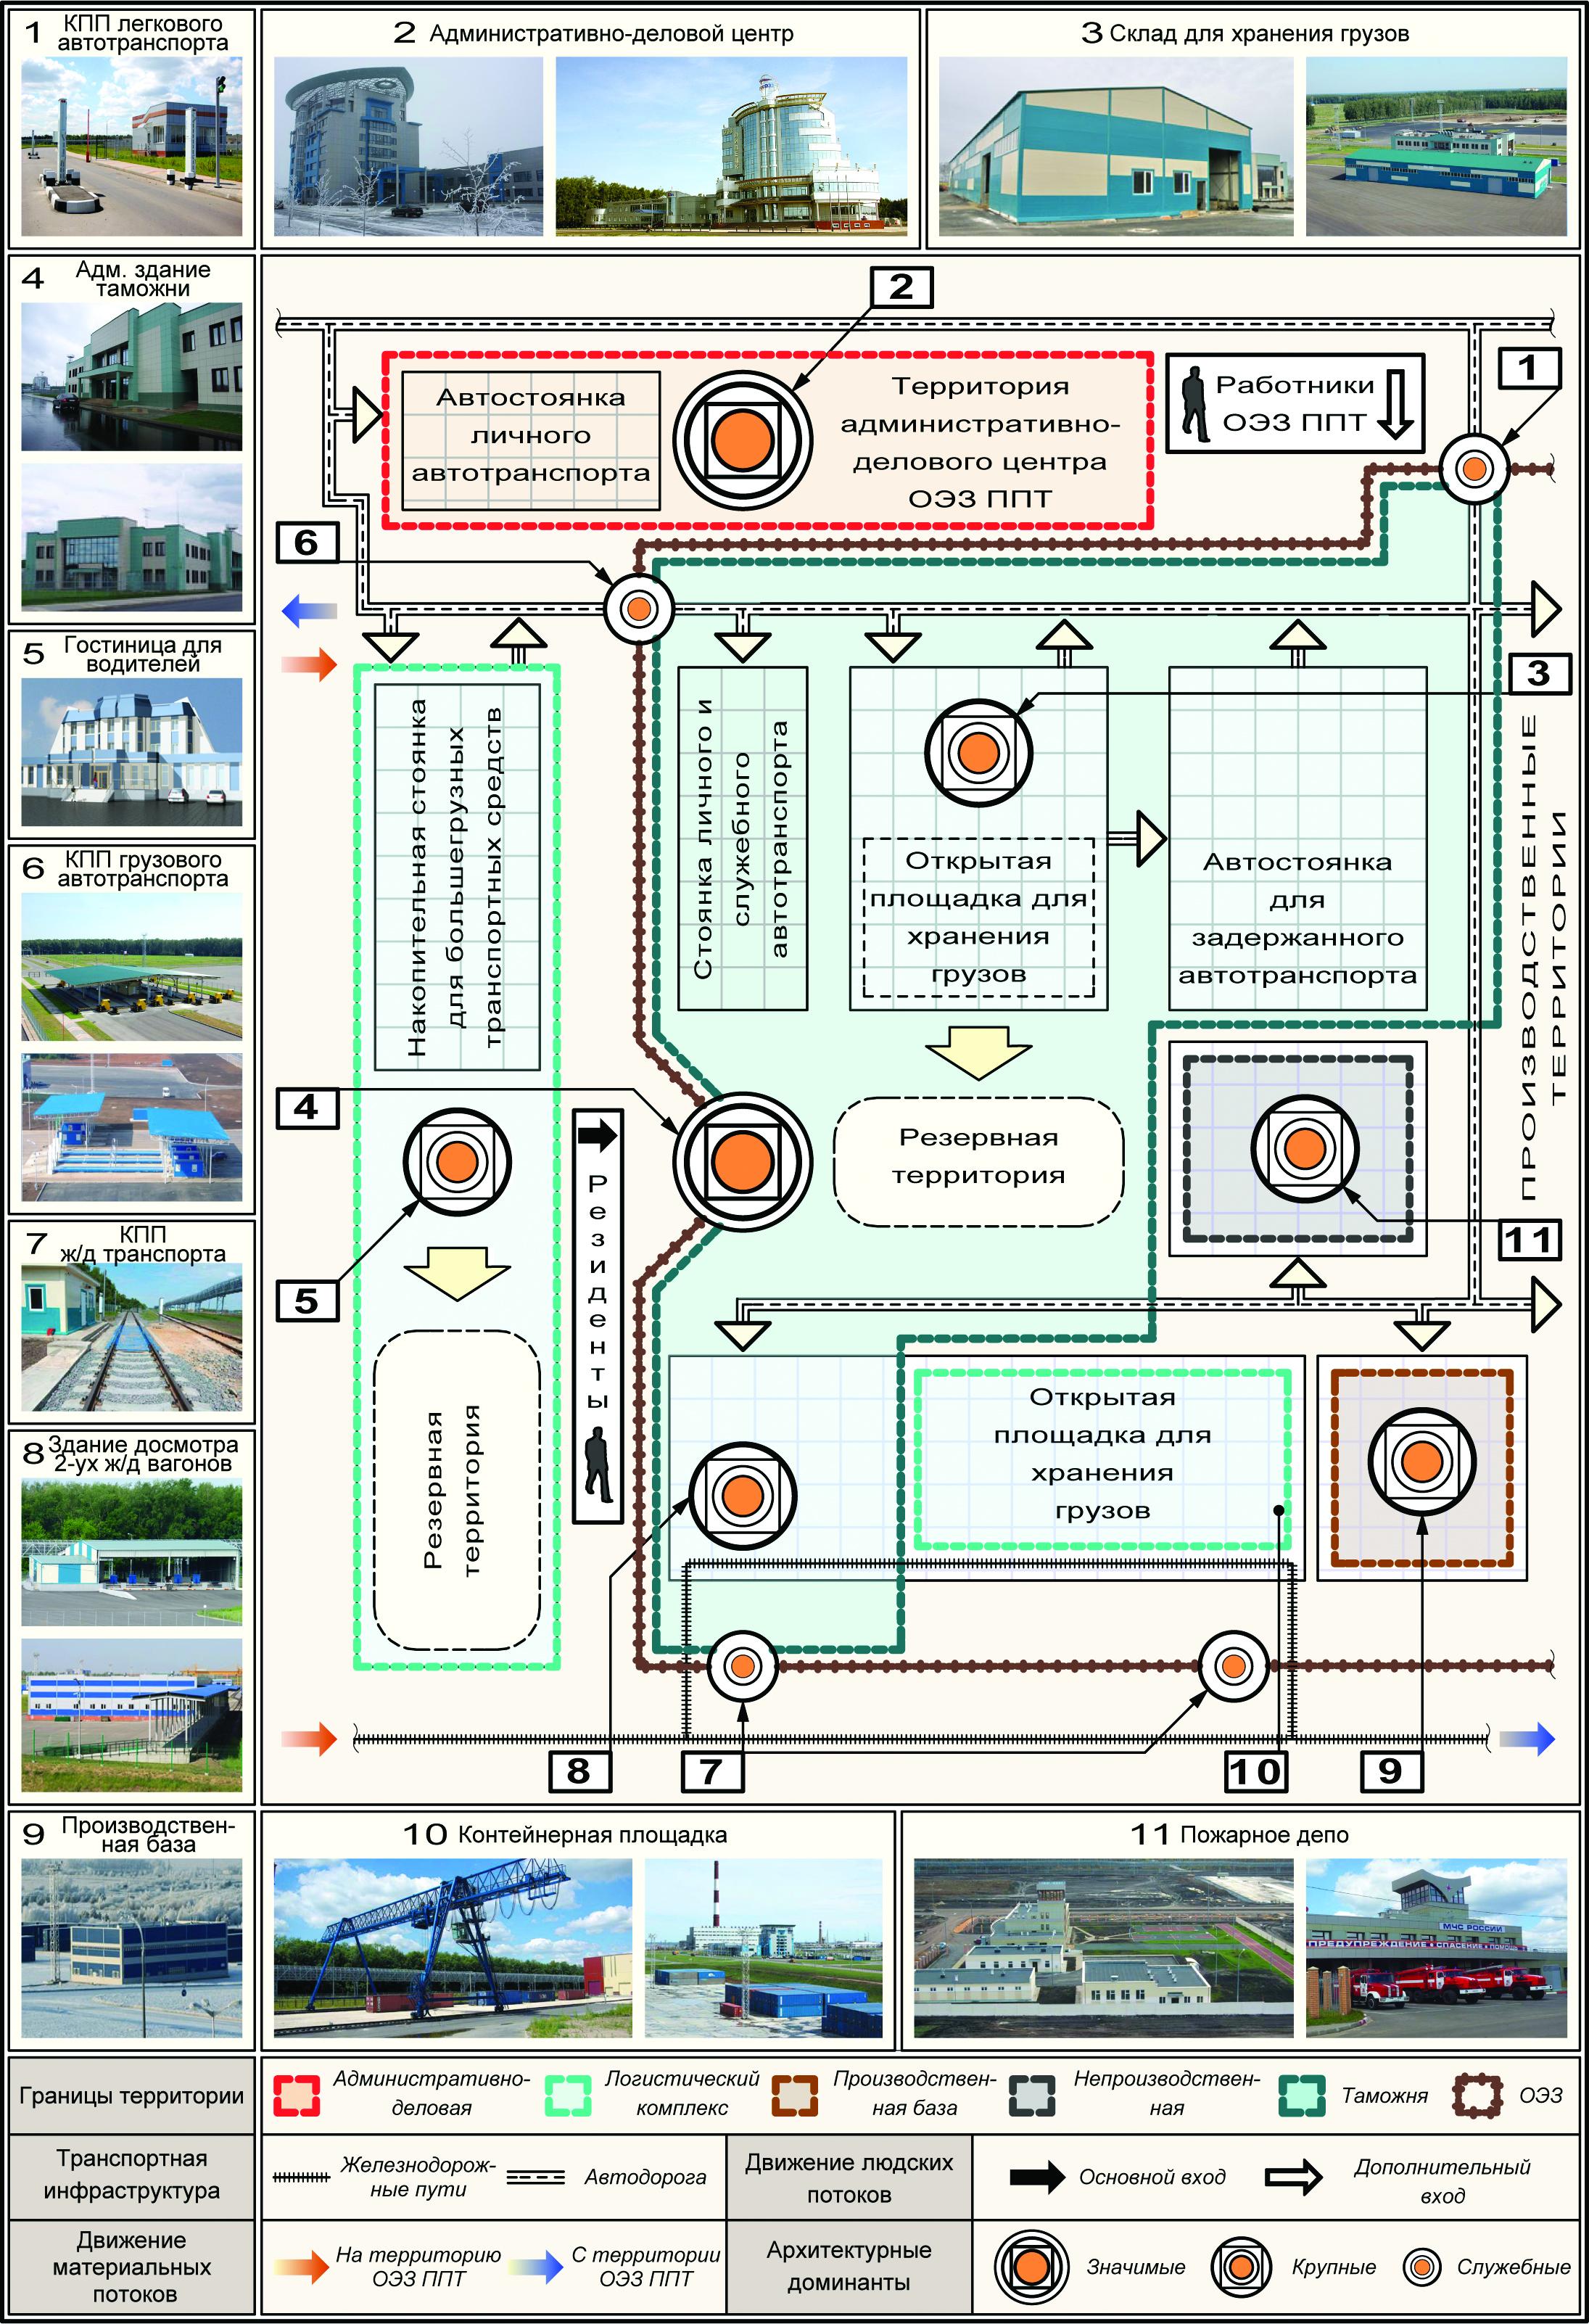 Рис. 1. Схема функционально-технологического решения таможенно-логистического комплекса особой экономической зоны промышленно-производственного типа